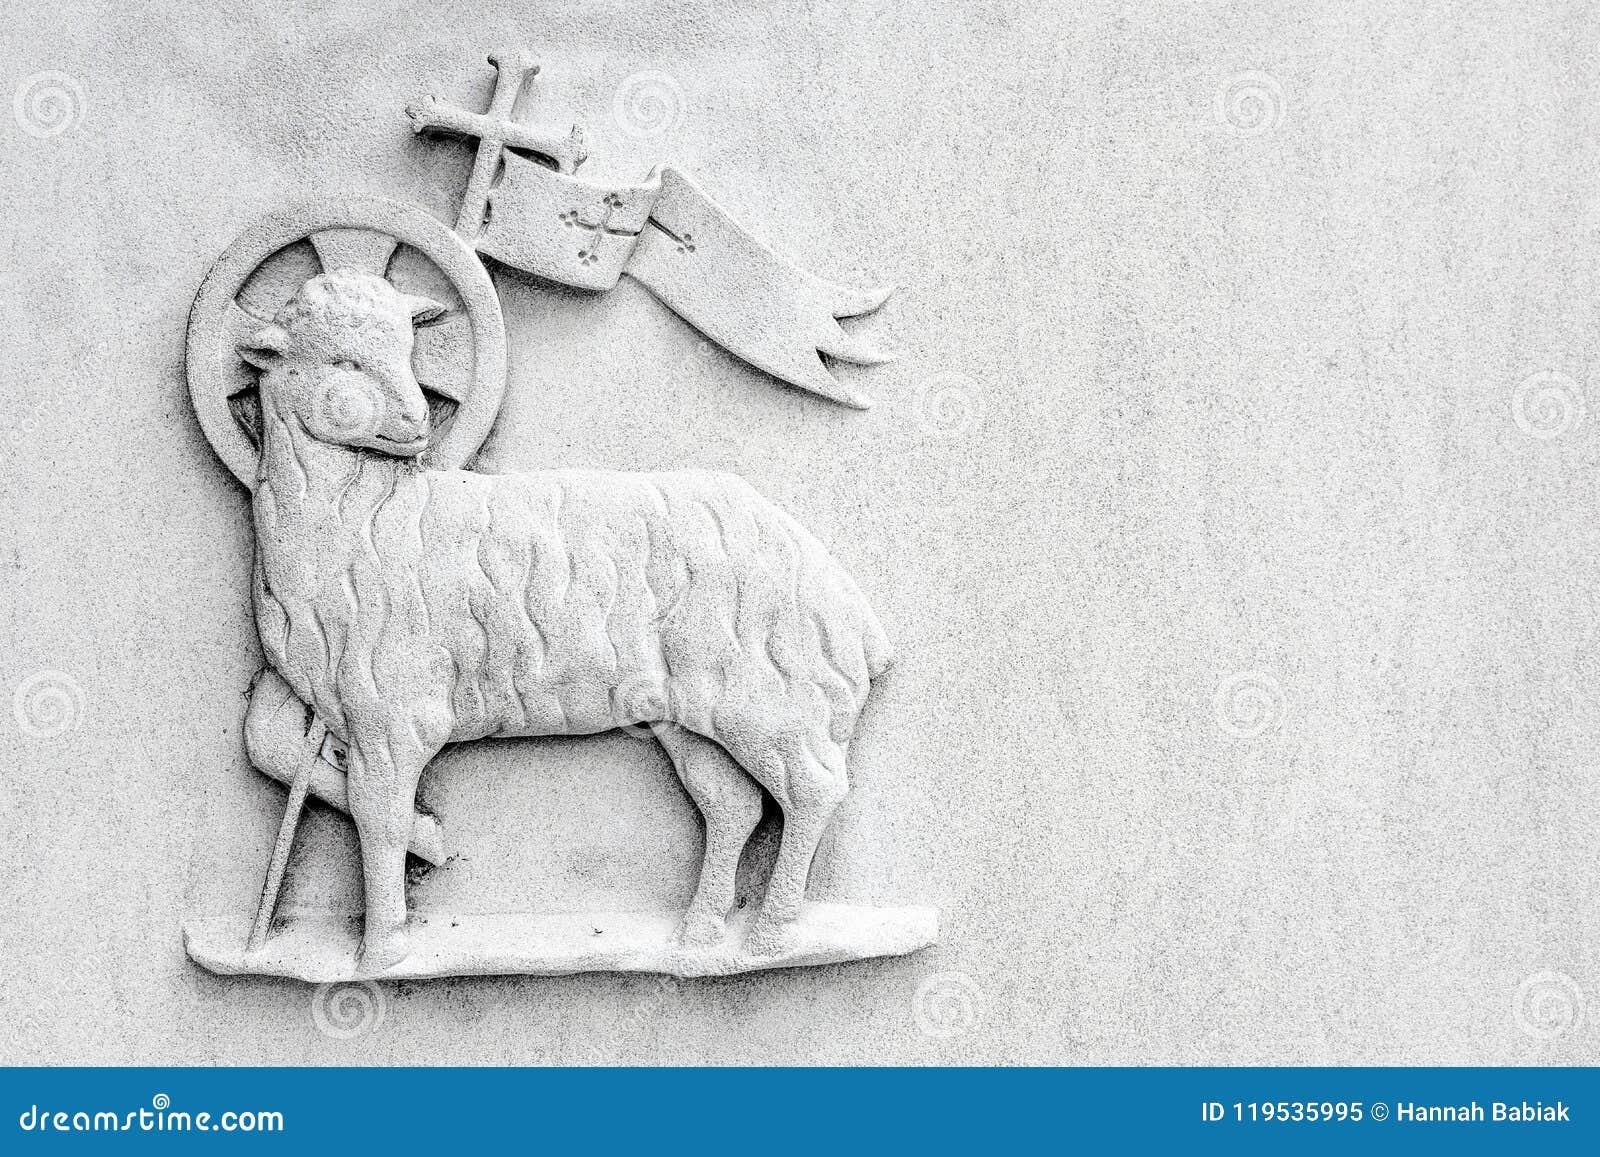 Sacrificial Lamb Religious Symbol On White Background Stock Image